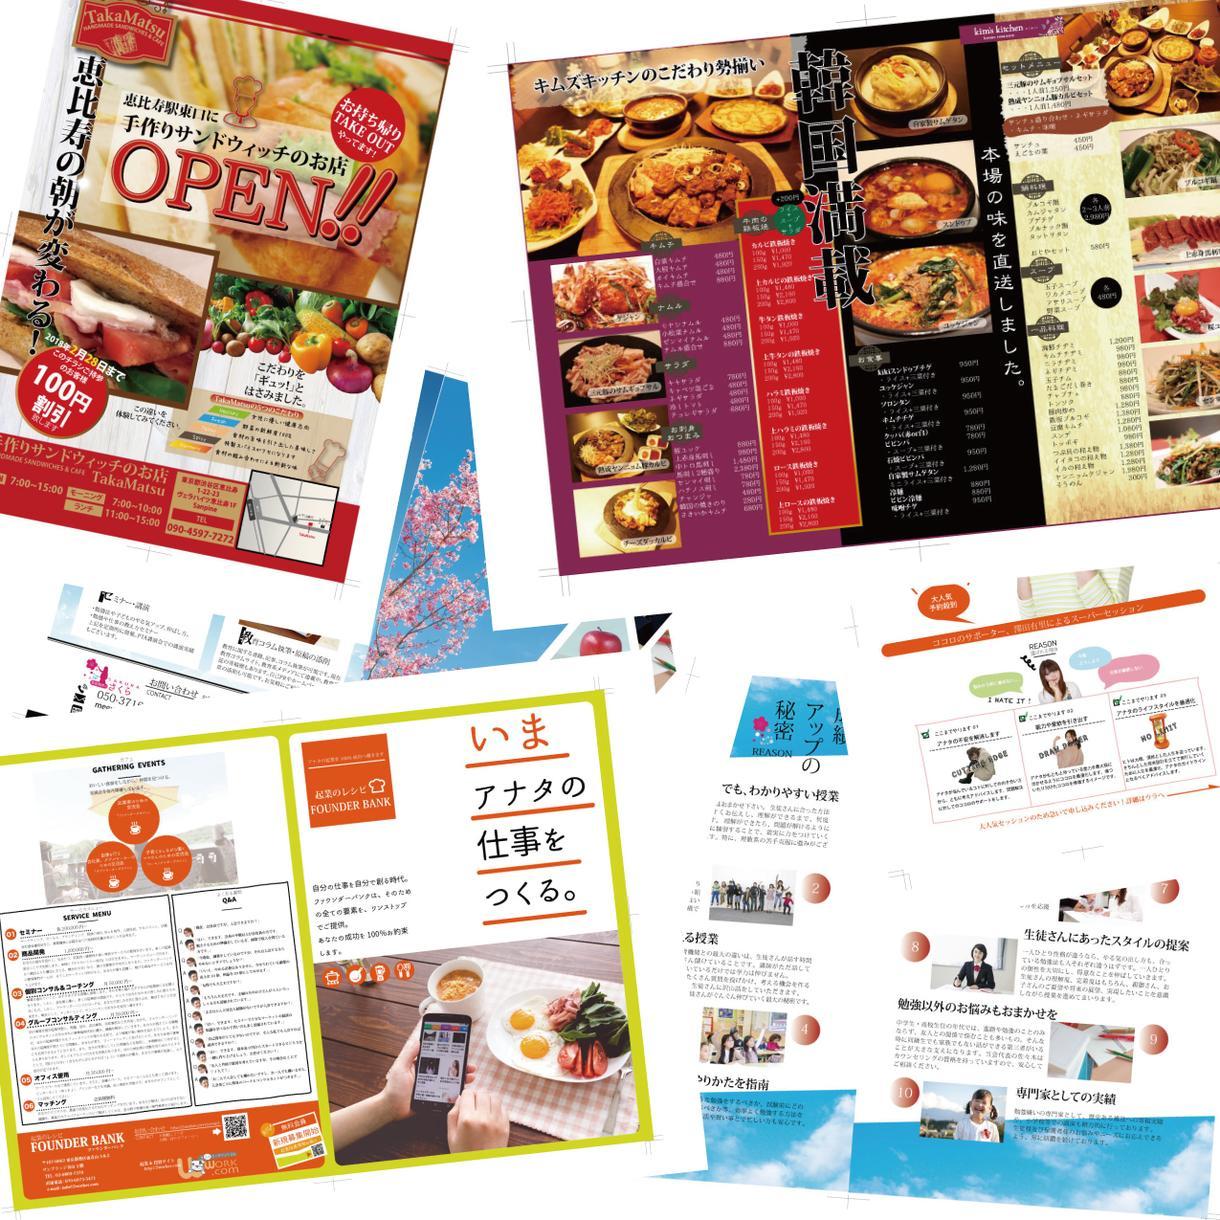 日本一の店長がチラシ、パンフレットデザインします 売上UPに必須のお店・会社・商品サービスの広告物作成します